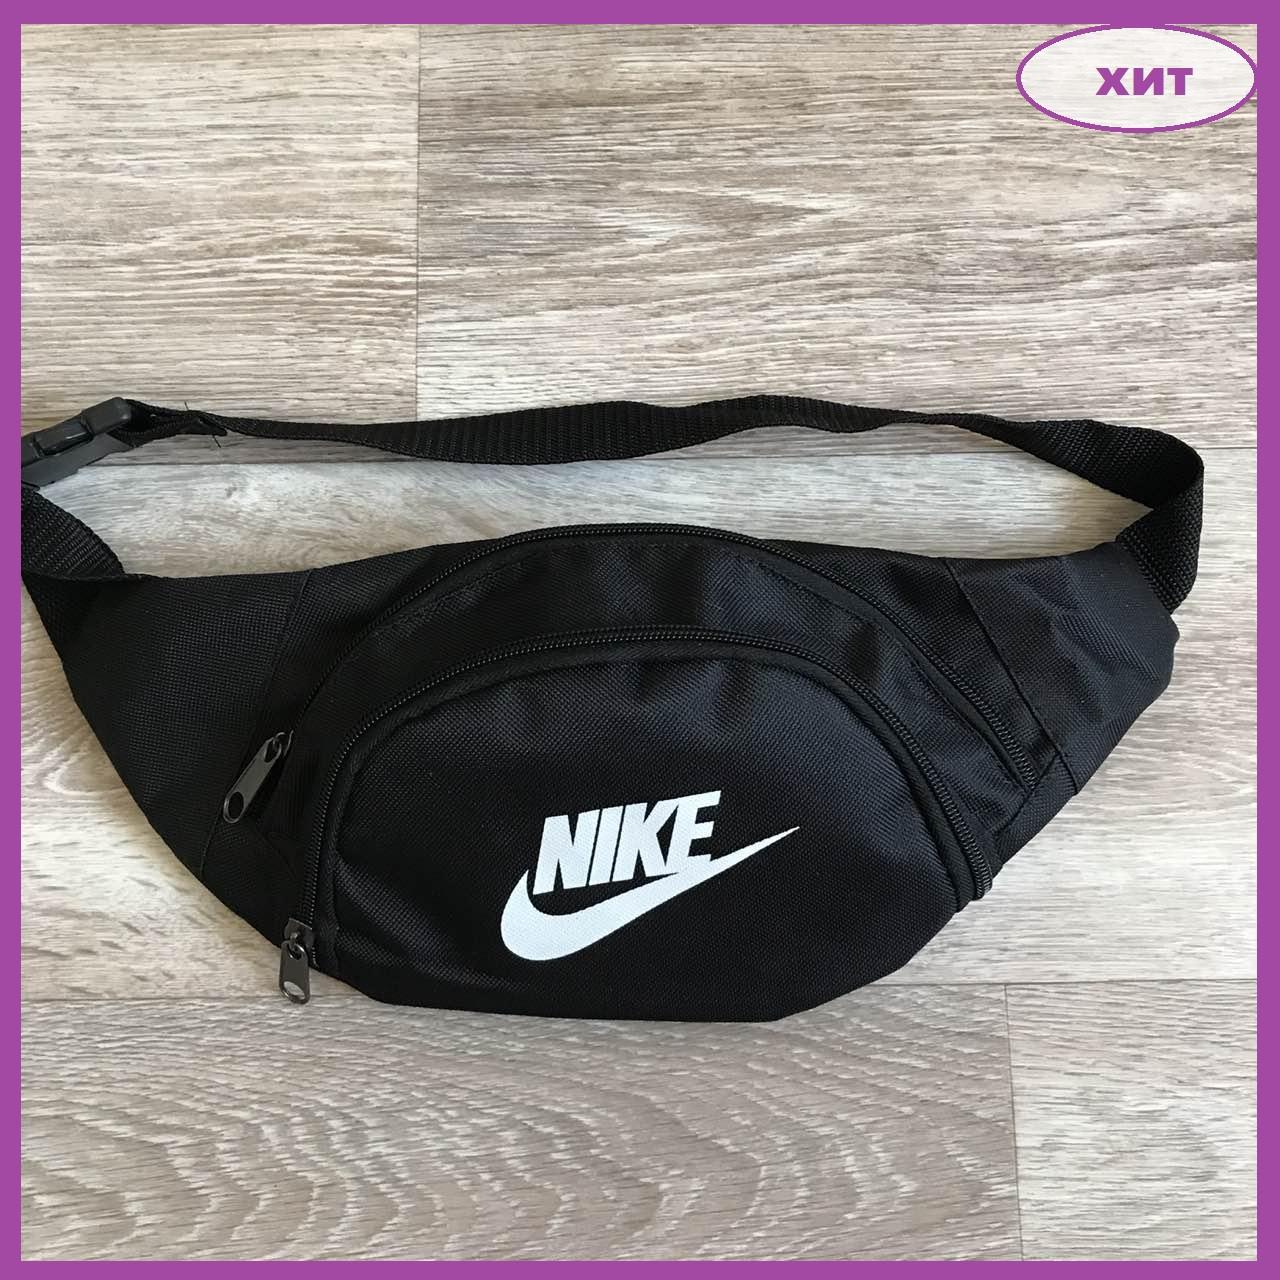 Нагрудні слінг сумки тканинні, Чоловічі нагрудні сумки бананки, Барсетка сумка через плече Nike текстиль